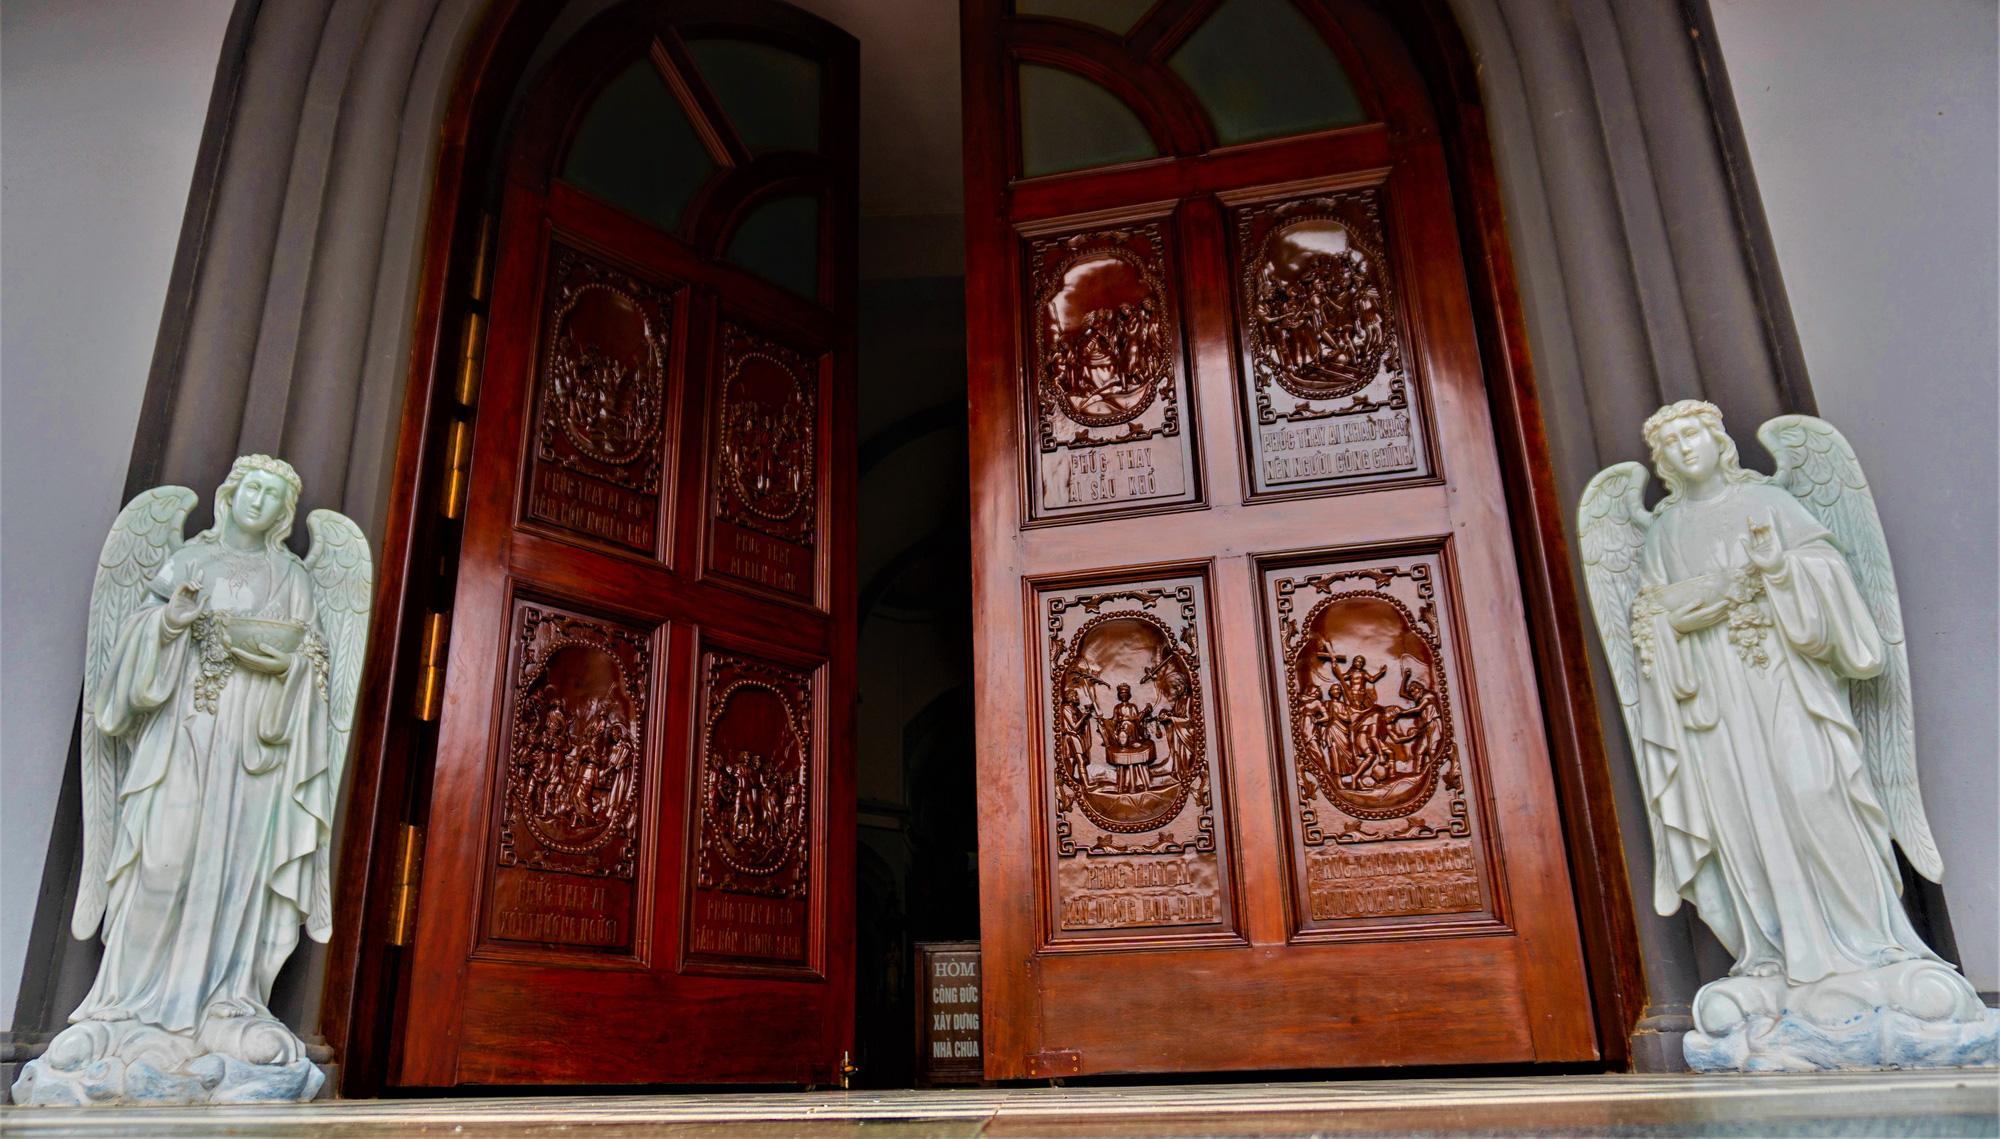 Về thăm nhà thờ Khoái Đồng, nơi thờ hiện thân của ông già Noel - Ảnh 8.